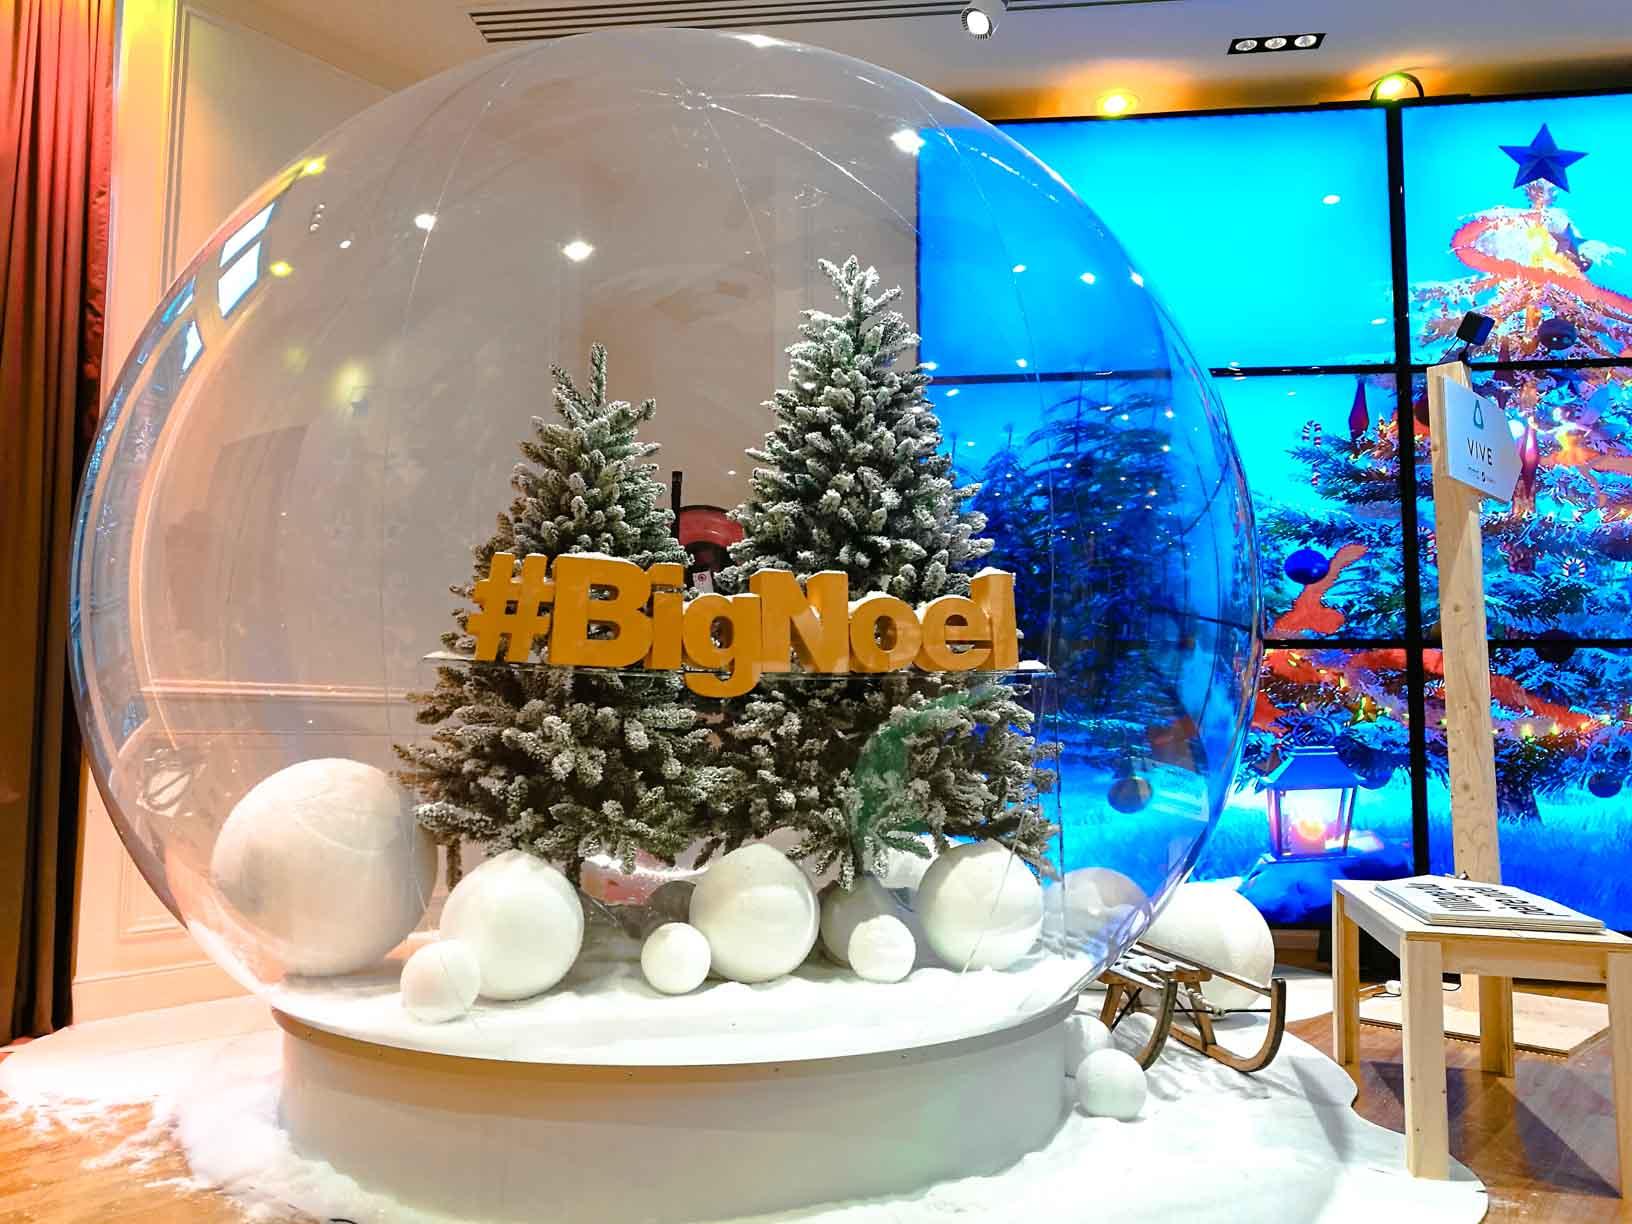 #02B0C9 Bulle Gonflable Pour Décoration De Noël JC Keller 5439 decorations de noel gonflables 1632x1224 px @ aertt.com